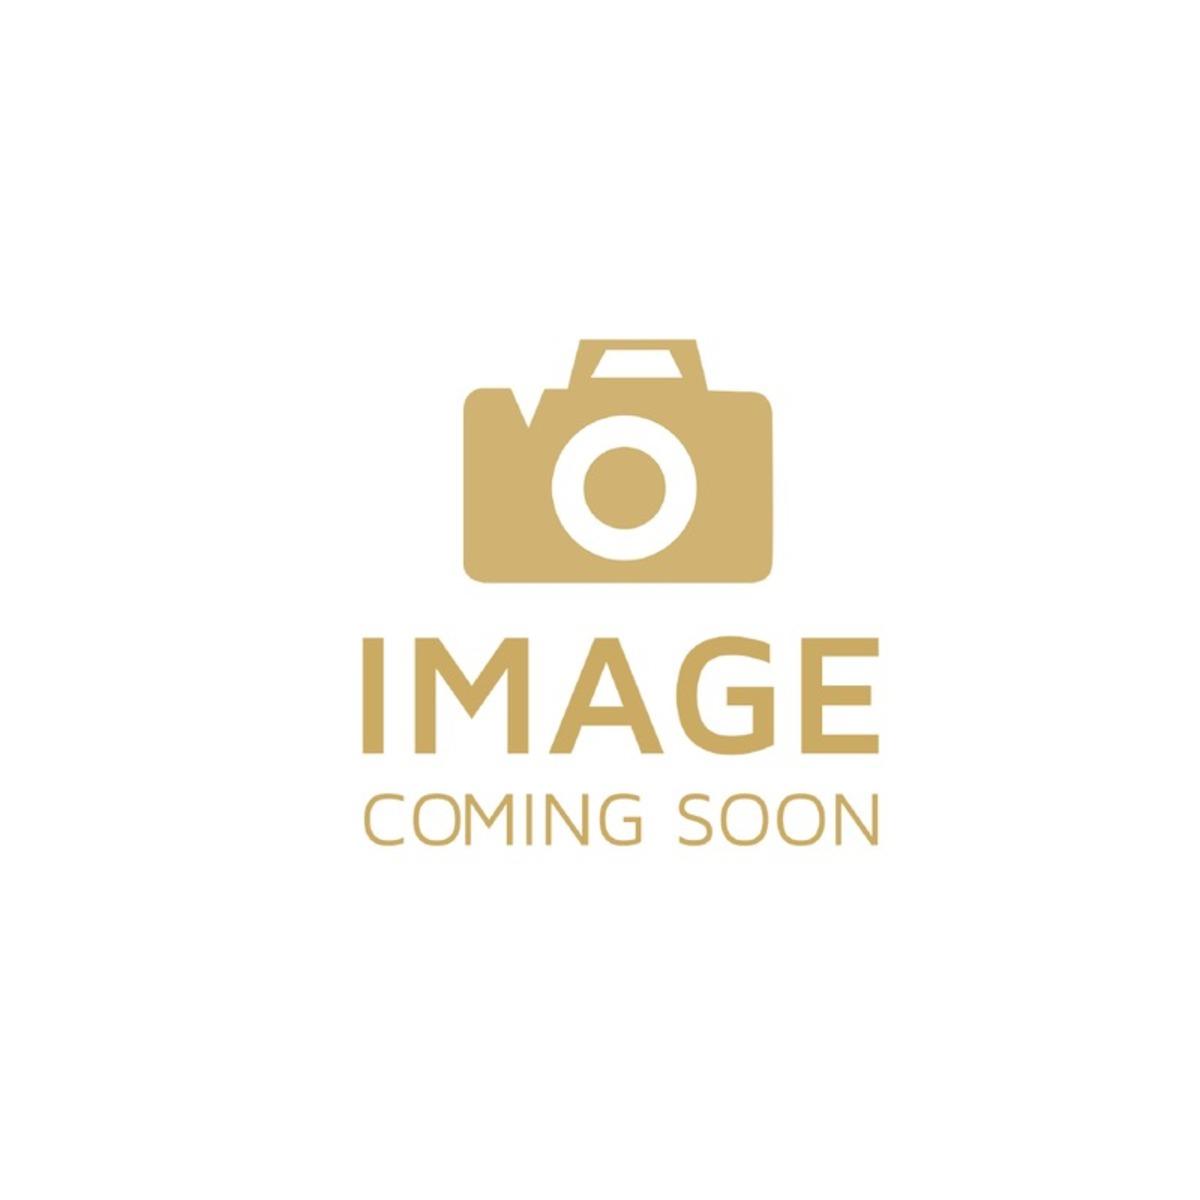 Bild 3 von Massivholzbett Henriette 180 x 200 cm